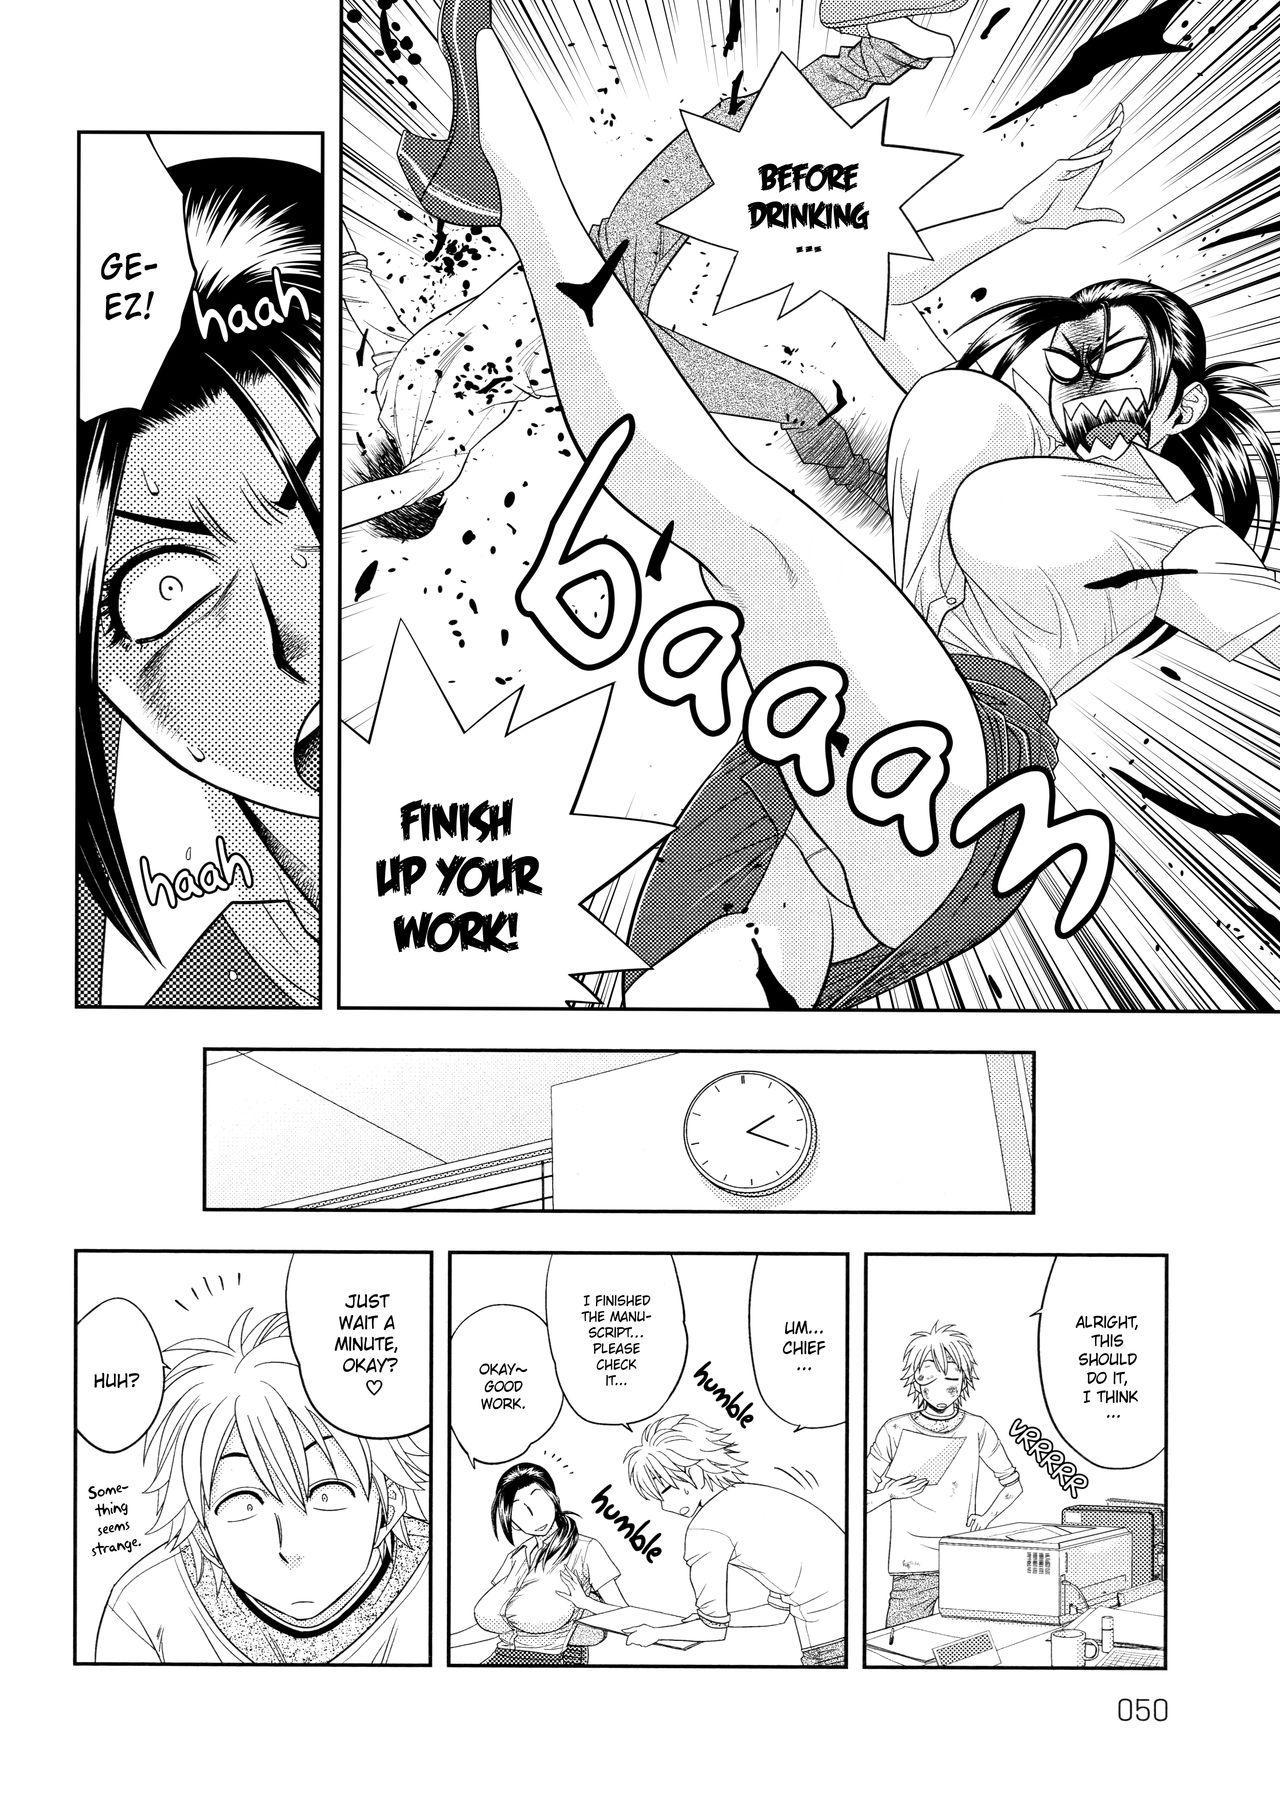 [Tatsunami Youtoku, Yamazaki Masato] Bijin Henshuu-chou no Himitsu | Beautiful Editor-in-Chief's Secret Ch. 1-5 [English] [Forbiddenfetish77, Red Vodka, Crystalium] [Decensored] 49